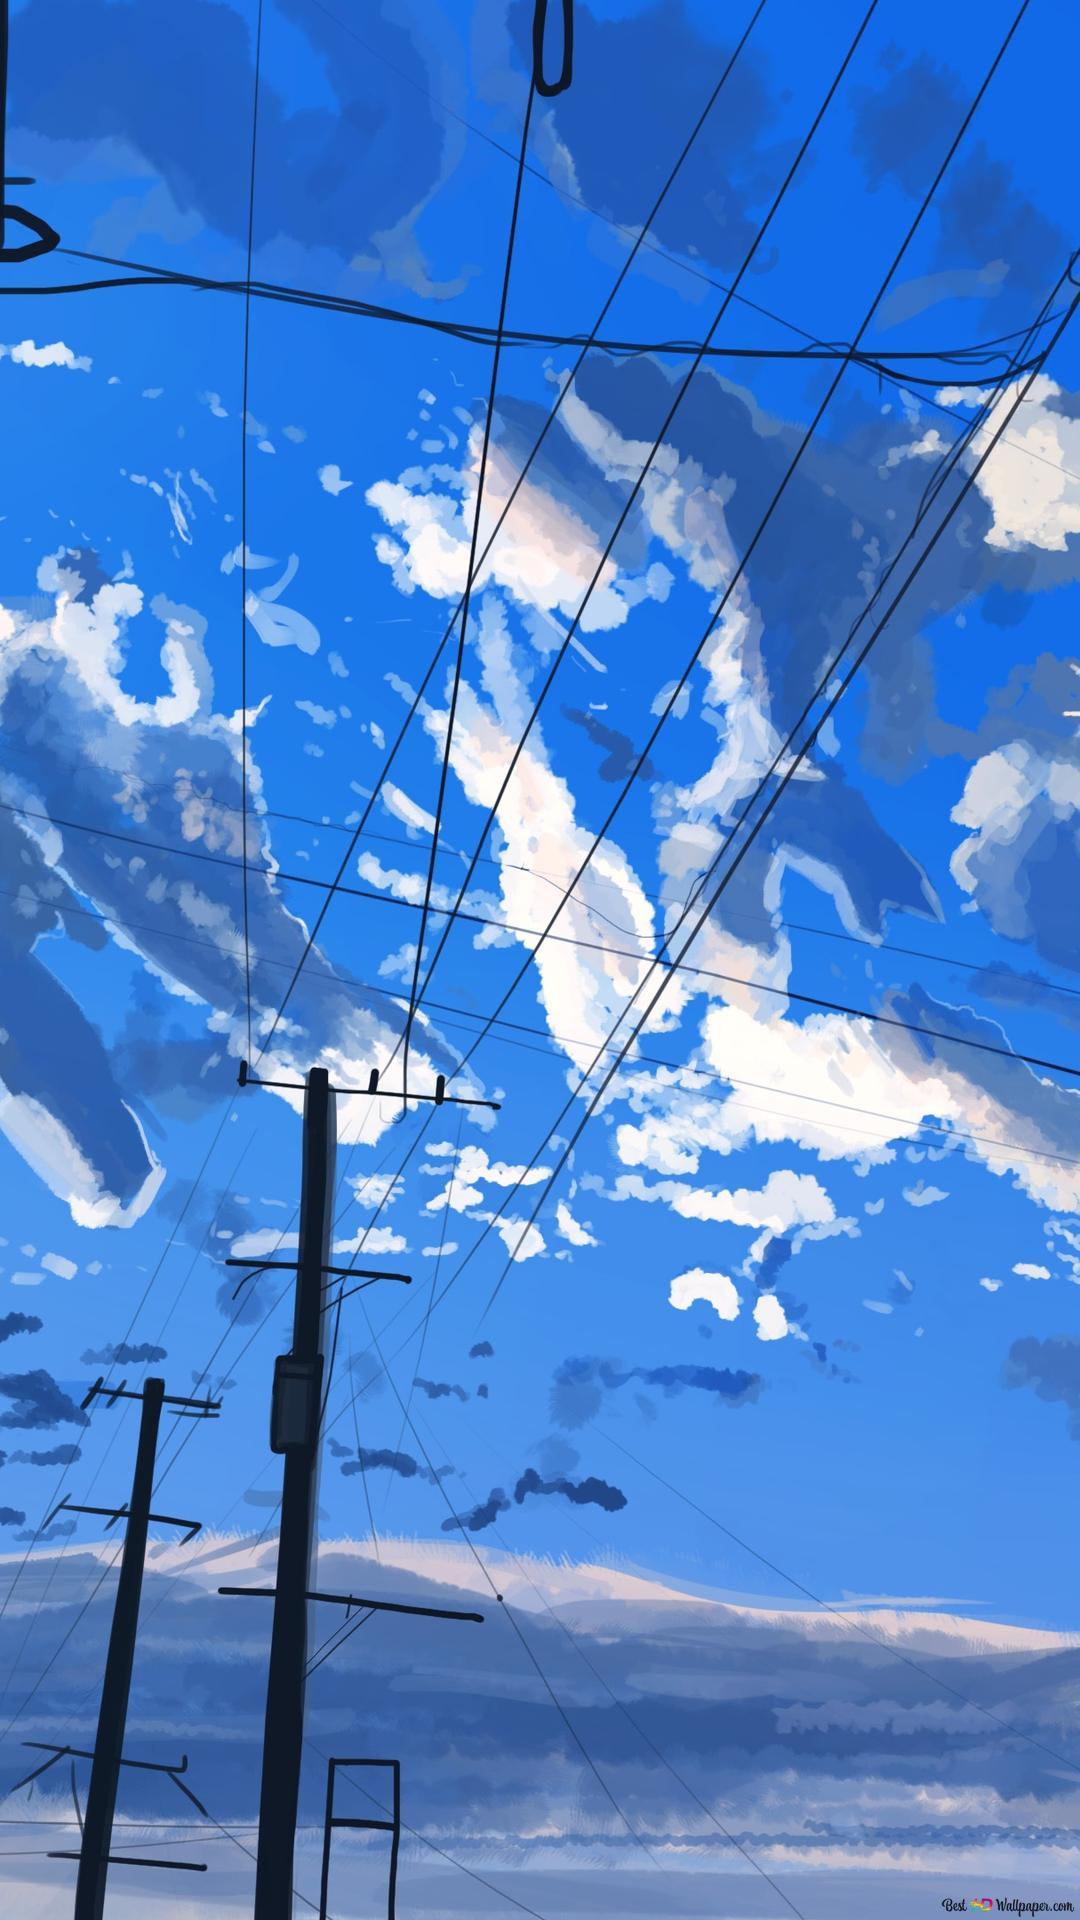 cuaca bagus wallpaper 1080x1920 24332 165